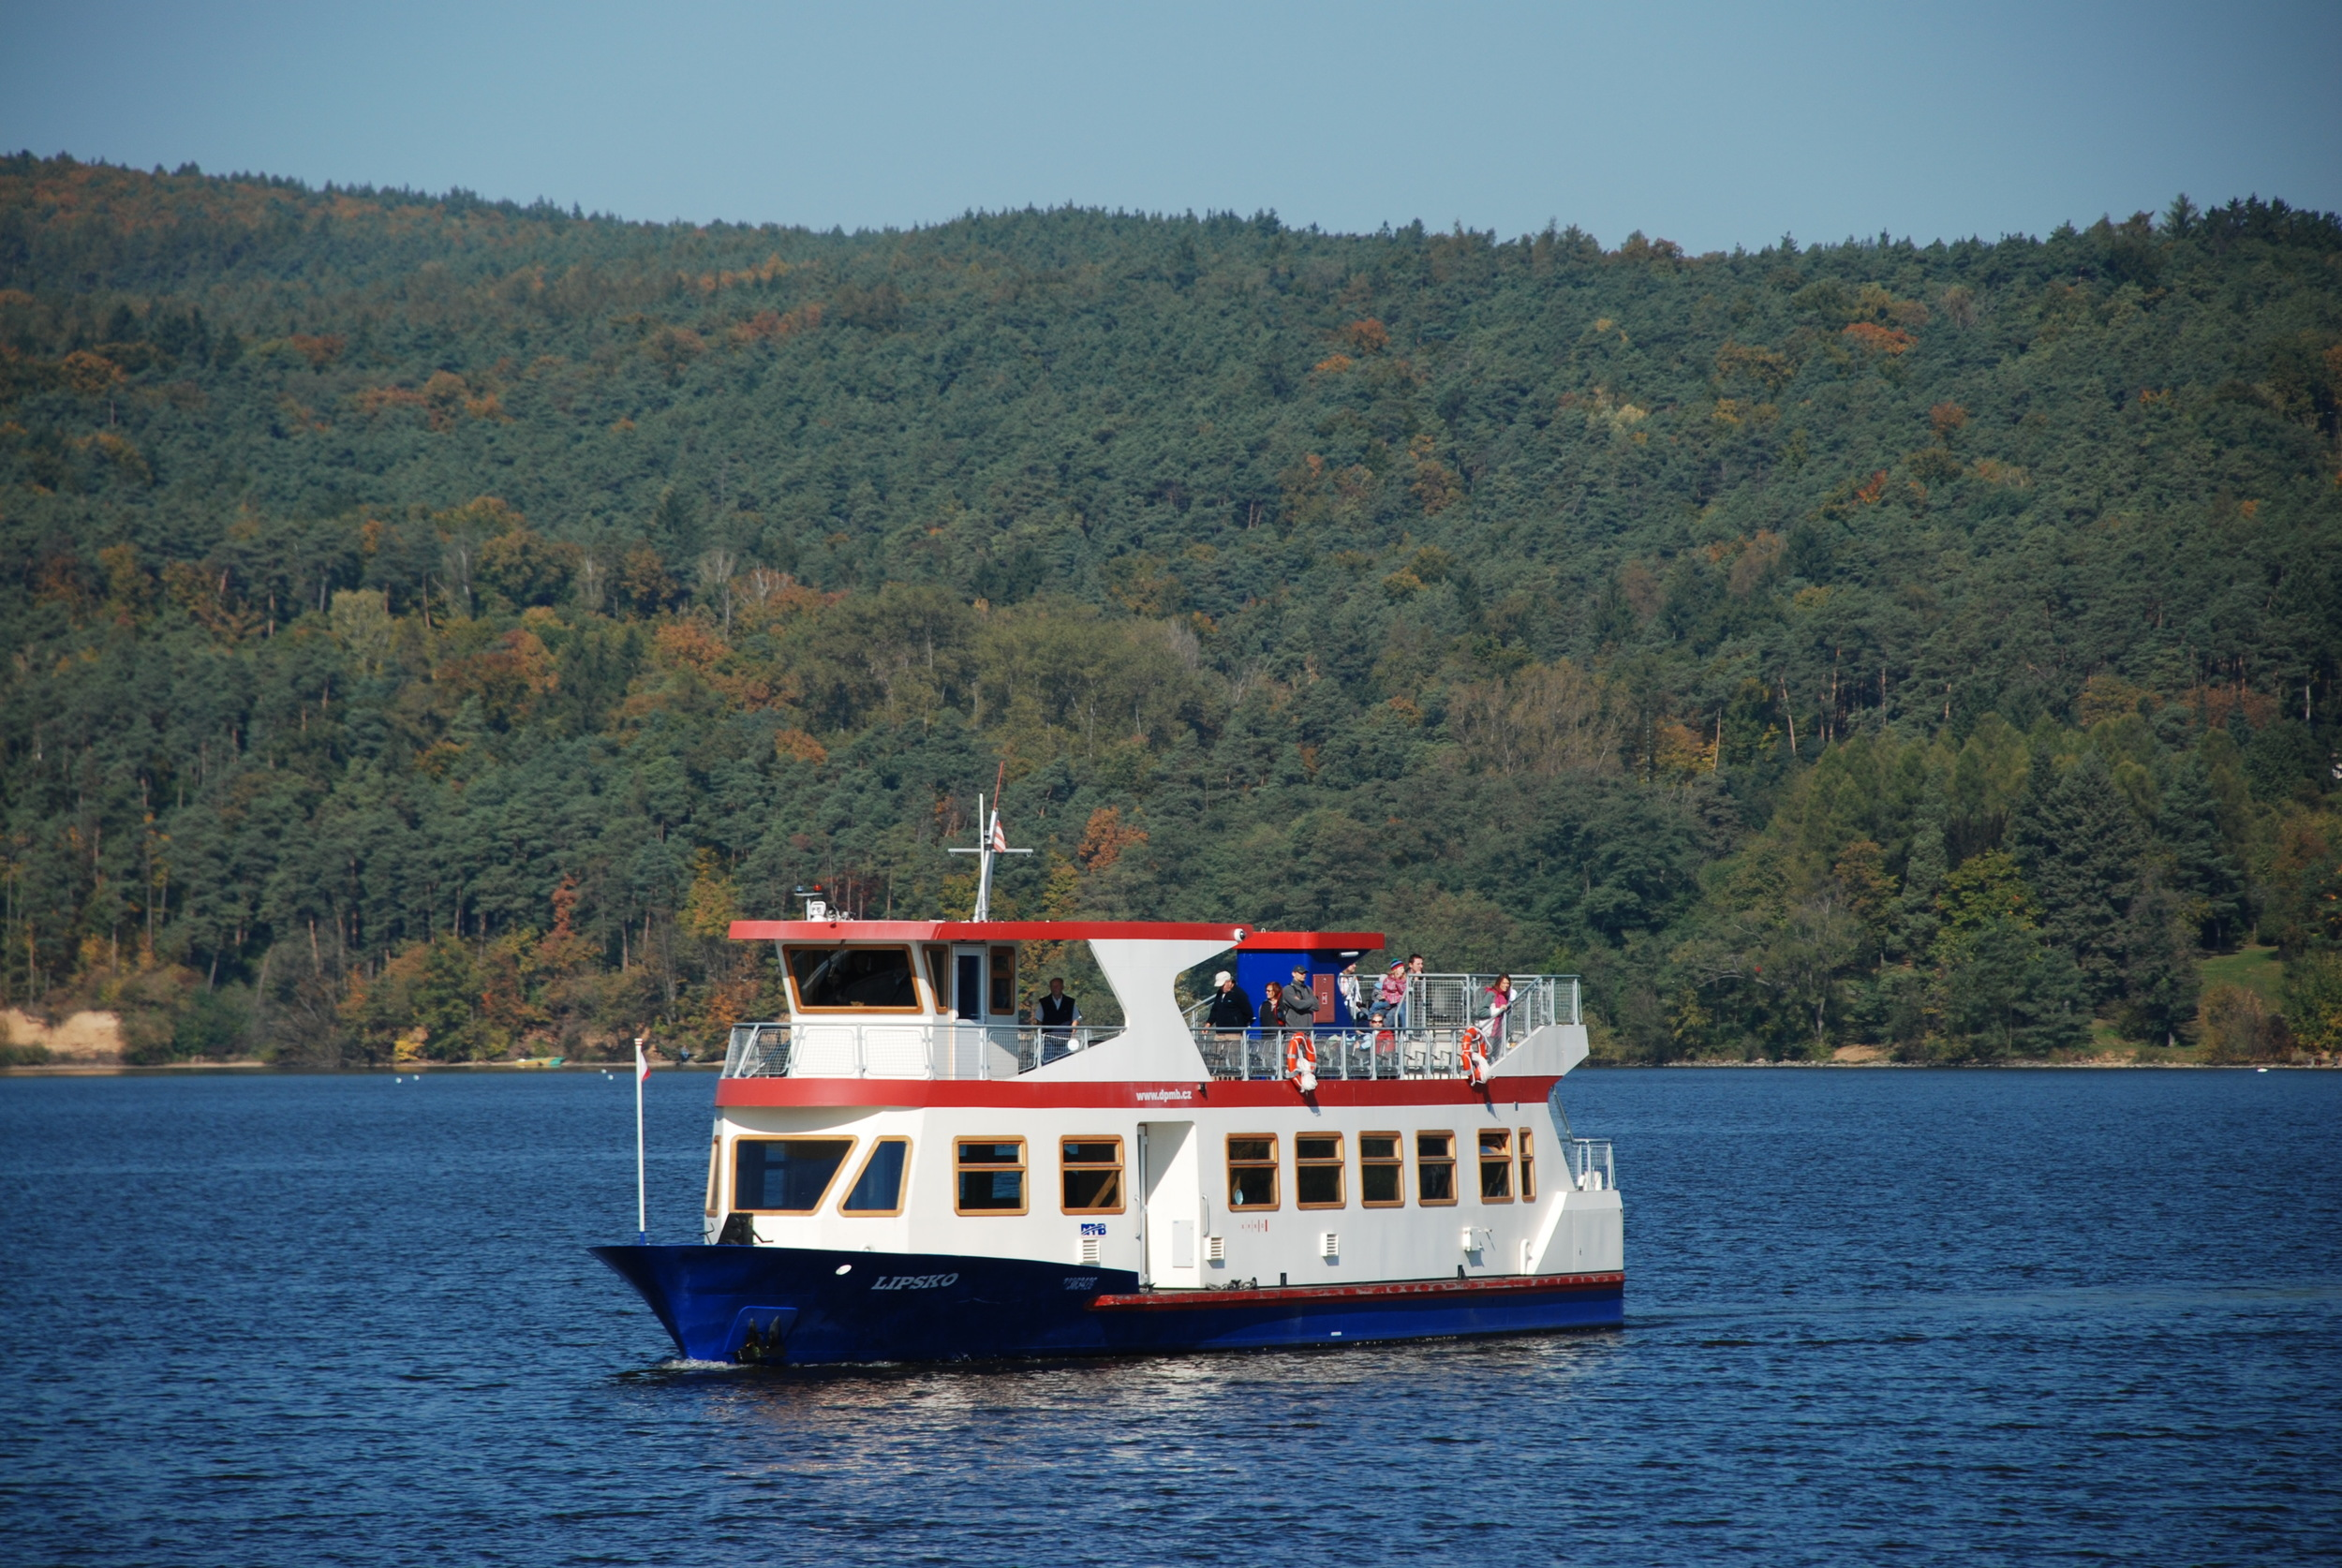 Brněnský DP je aktuálně jediným v ČR, který provozuje vlastní lodní dopravu. Na Brněnské přehradě se plaví lodě již od roku 1946. (foto: Libor Hinčica)